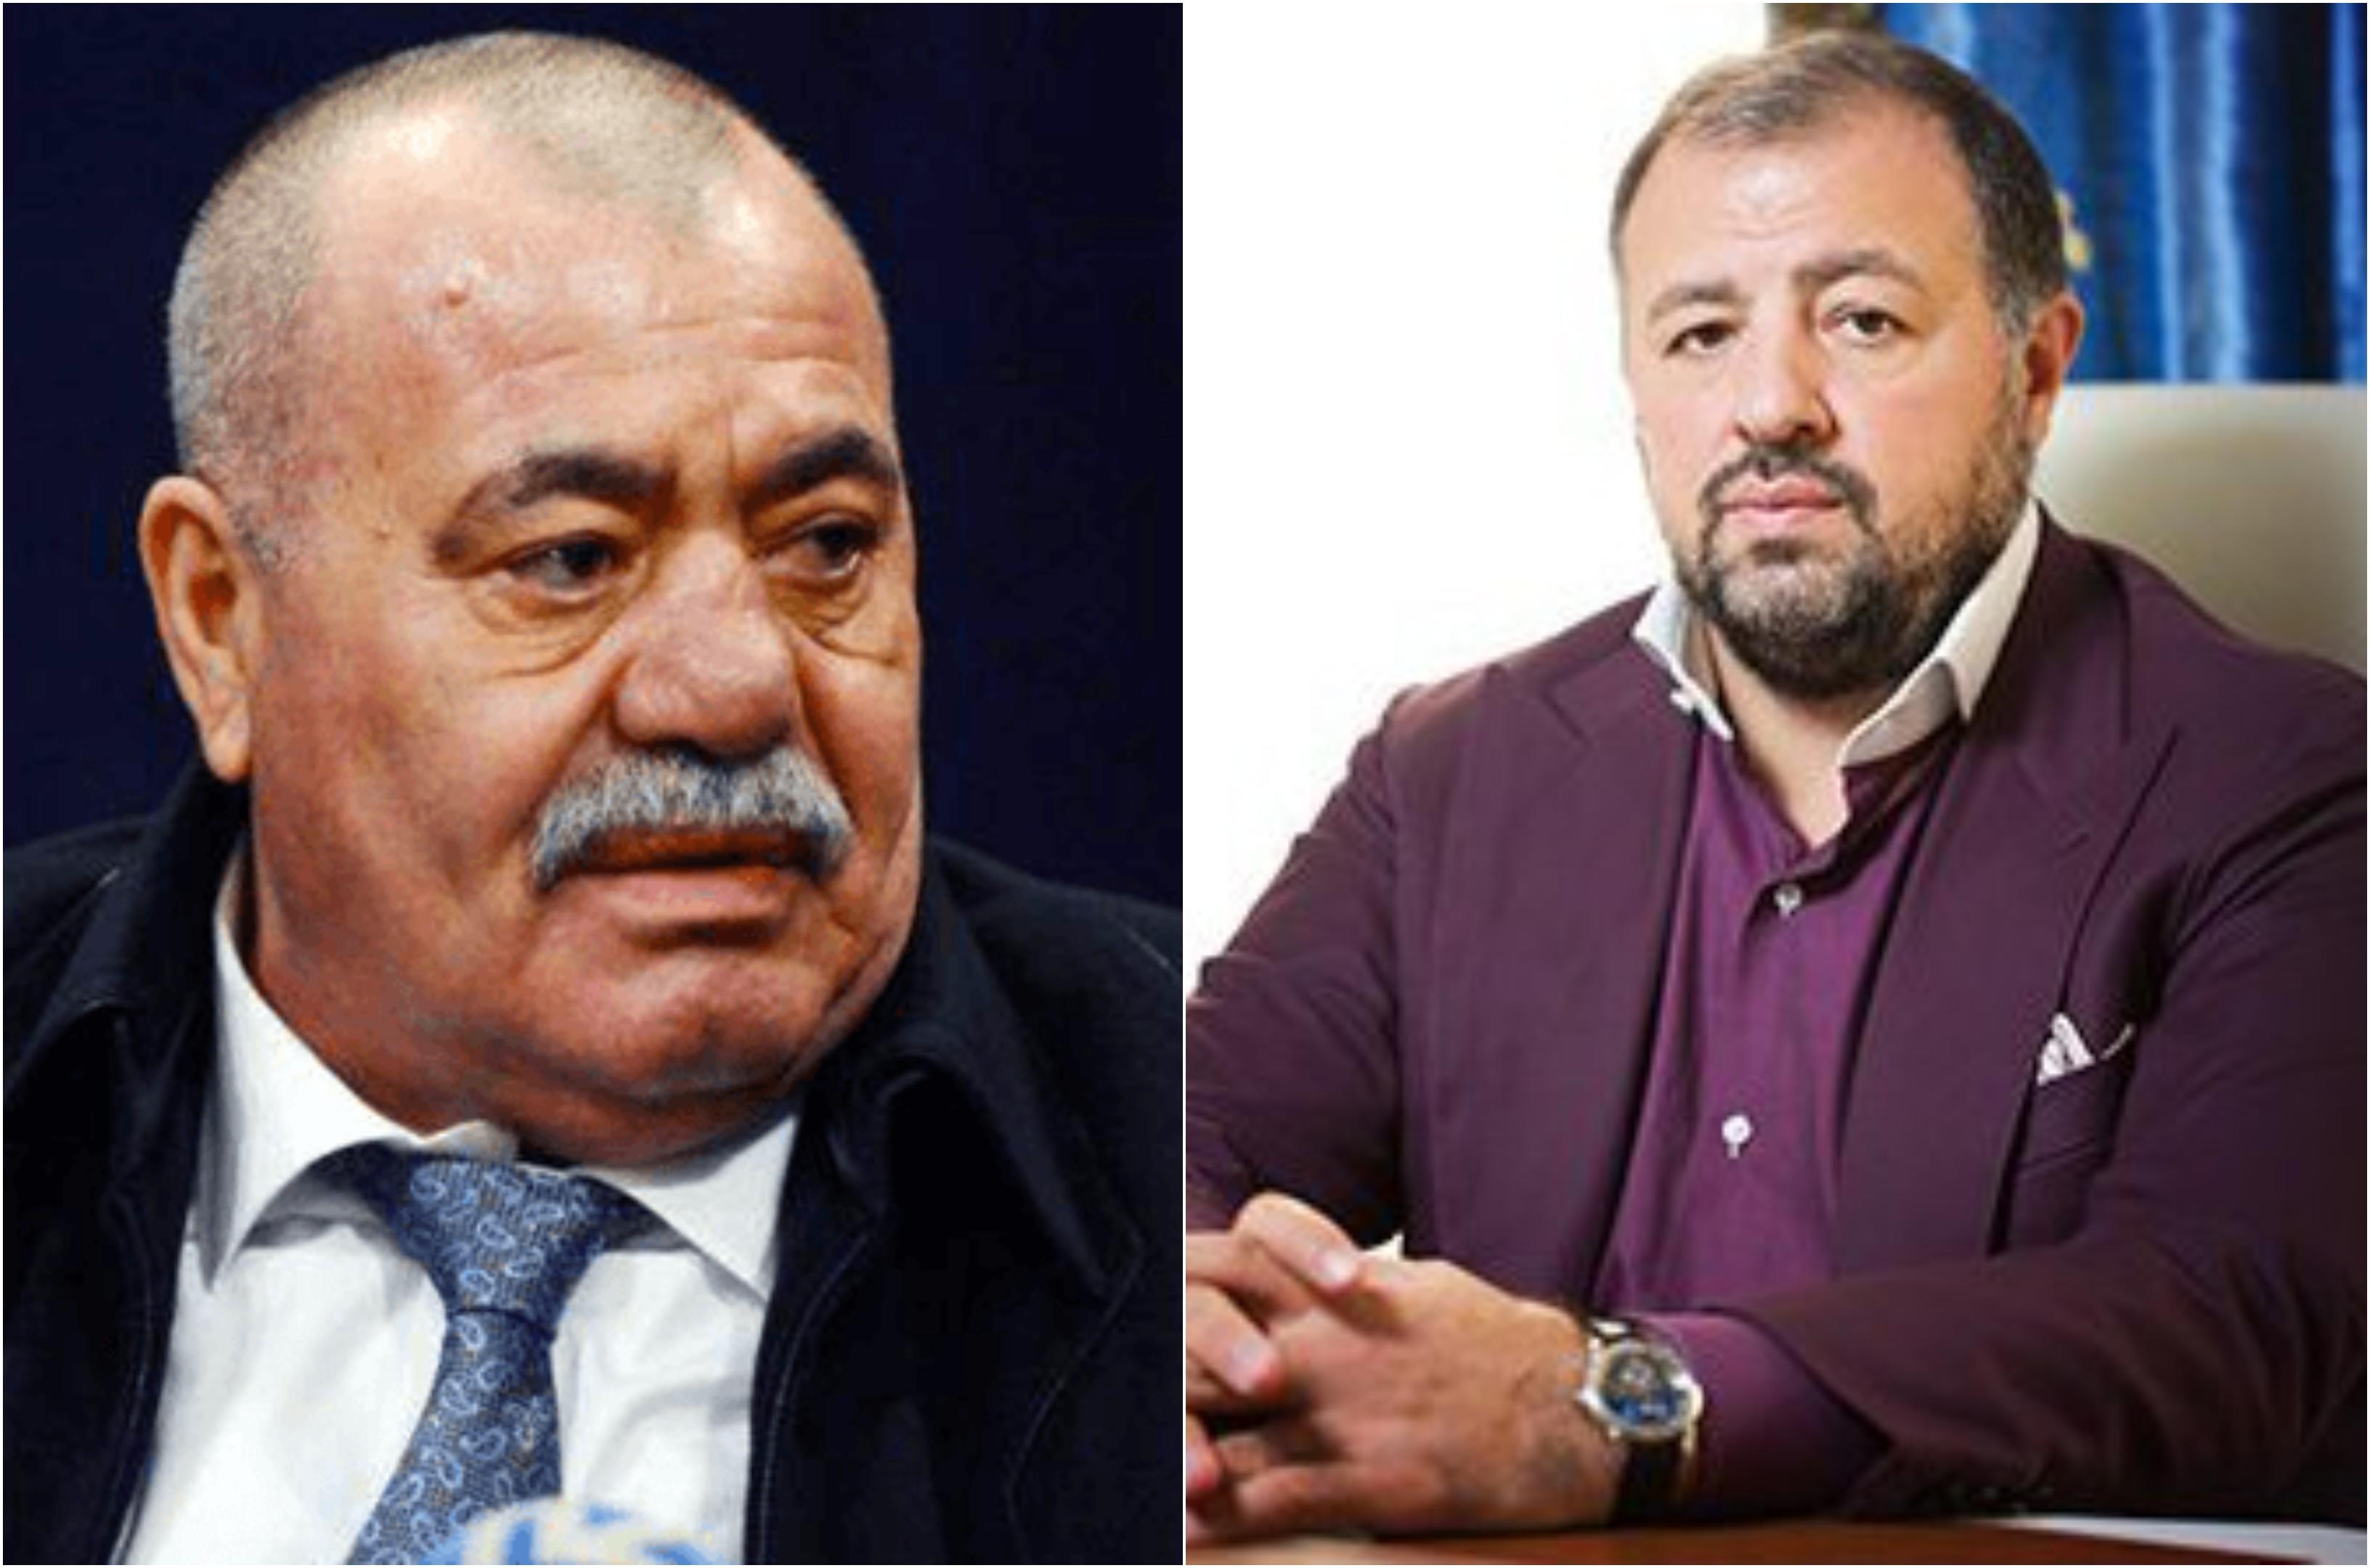 Մանվել Գրիգորյանը և Արթուր Ասատրյանը